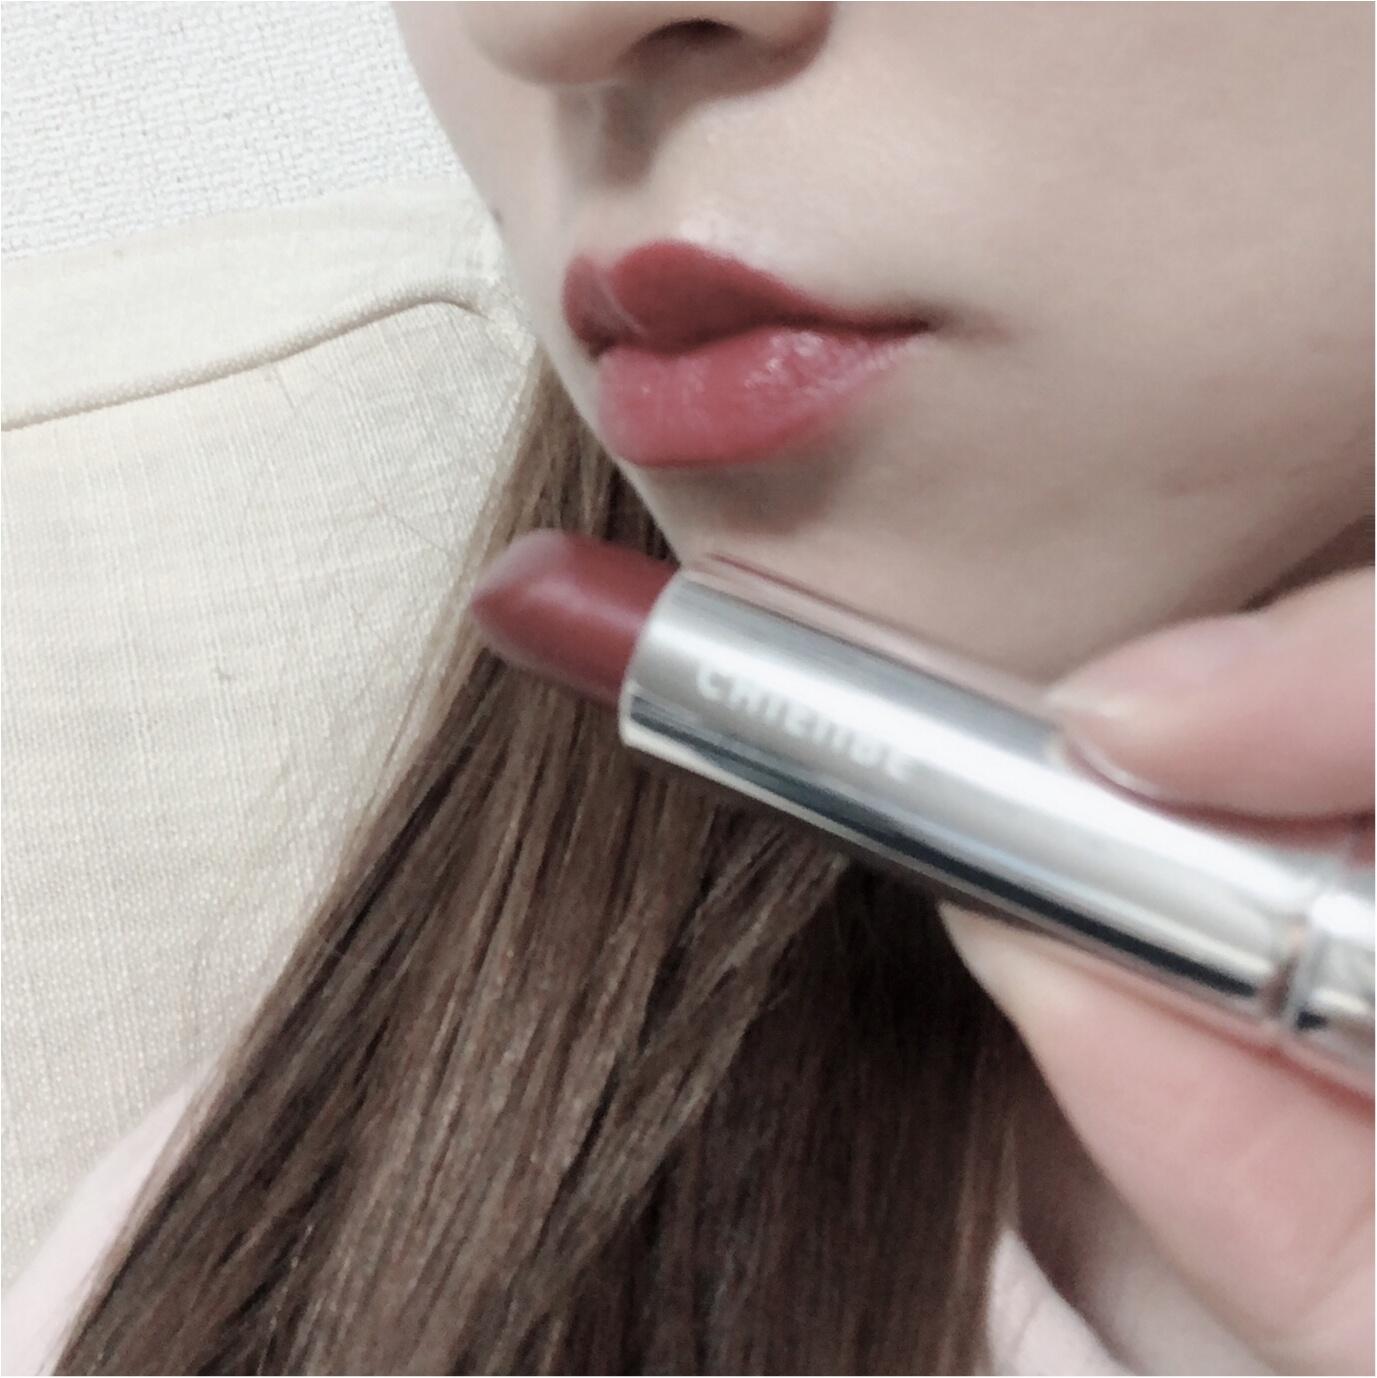 【プチプラコスメ】ブラウンレッドの日本人の唇に馴染みやすい色味!ヒアルロン酸入りのリップが300円?!☻ ♡♡プチプラだからできる試し買いをするチャンス!_2